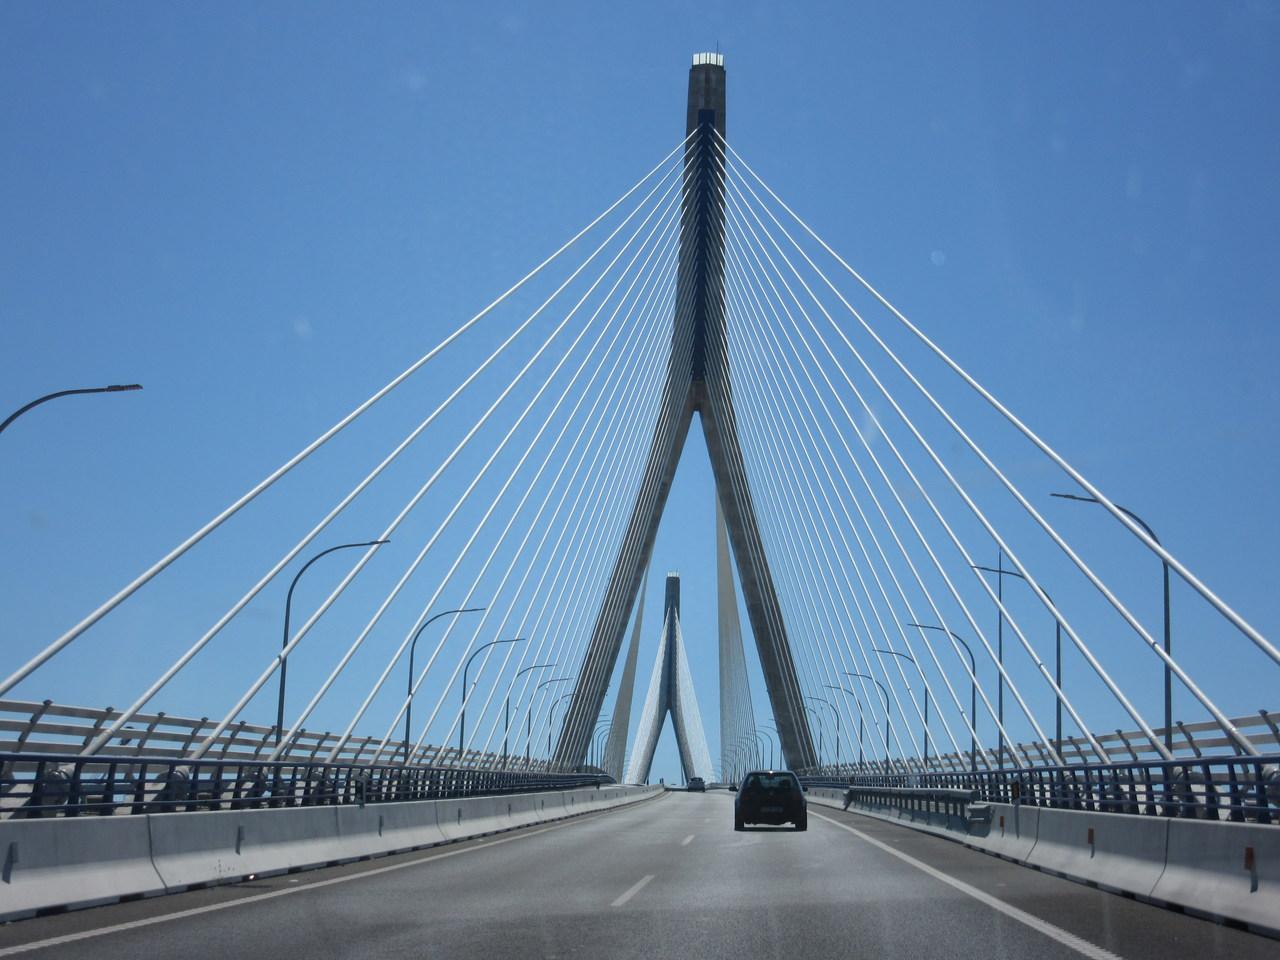 Puente de la Constitución